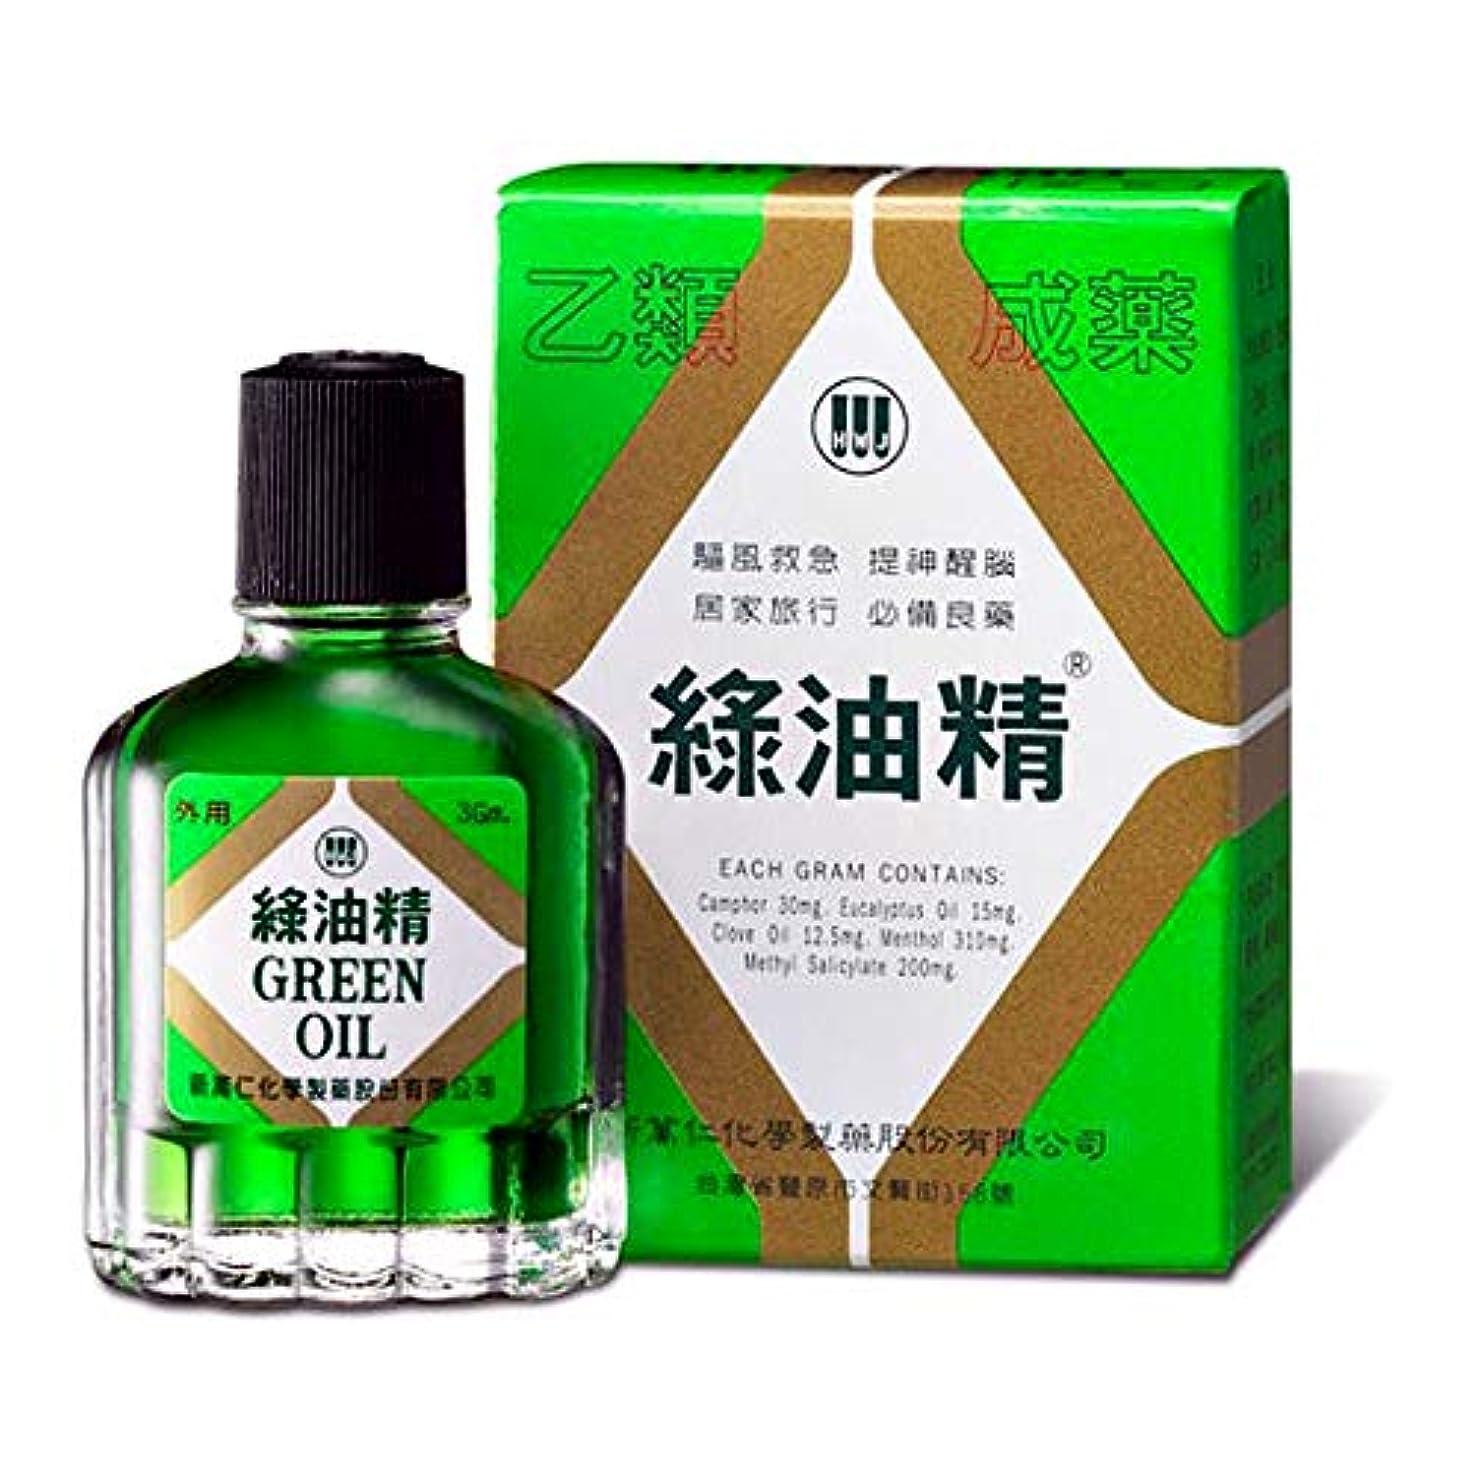 良さビル濃度《新萬仁》台湾の万能グリーンオイル 緑油精 3g 《台湾 お土産》 [並行輸入品]